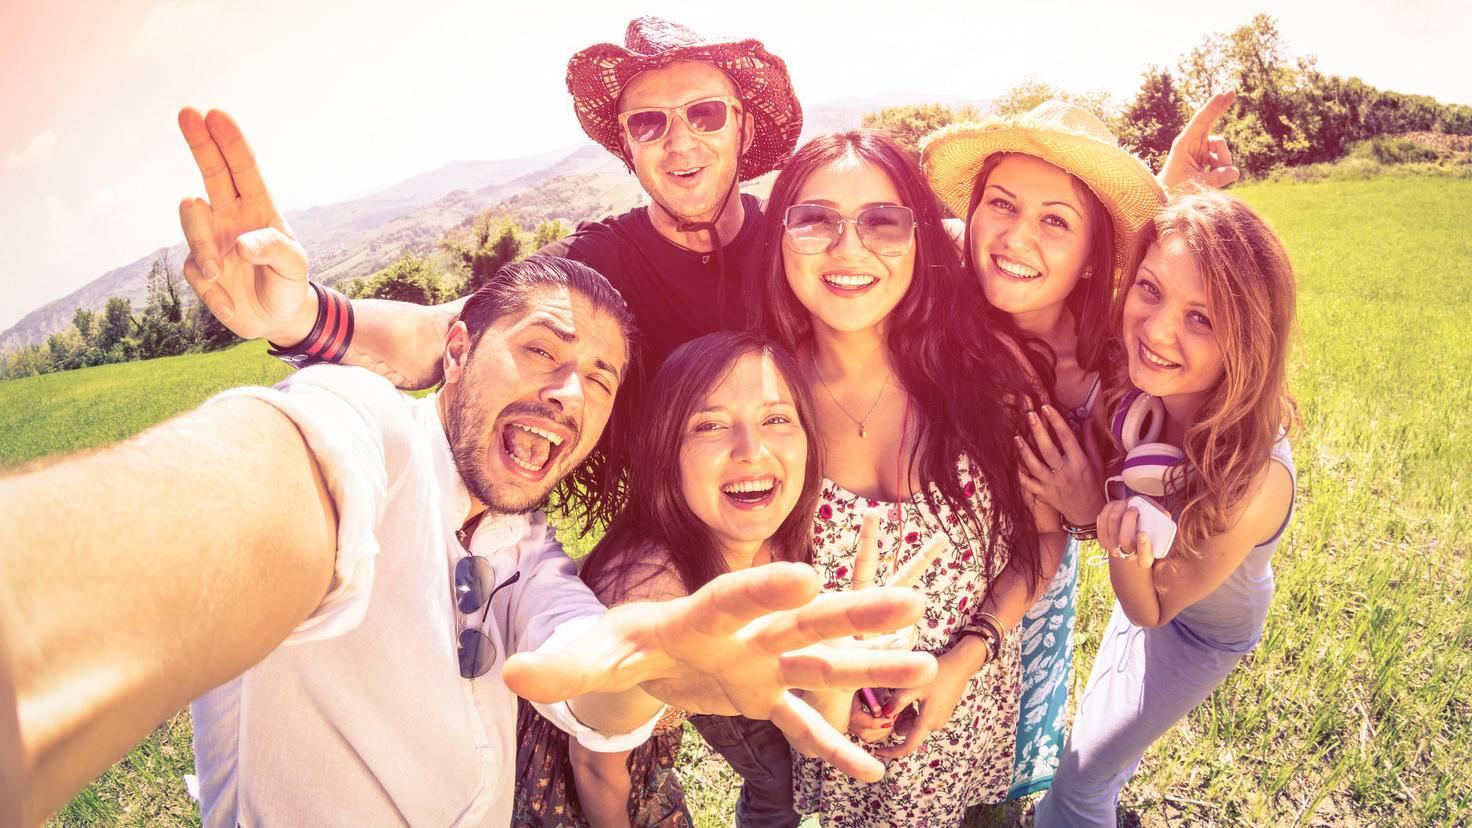 Selfie Gruppe 475950394